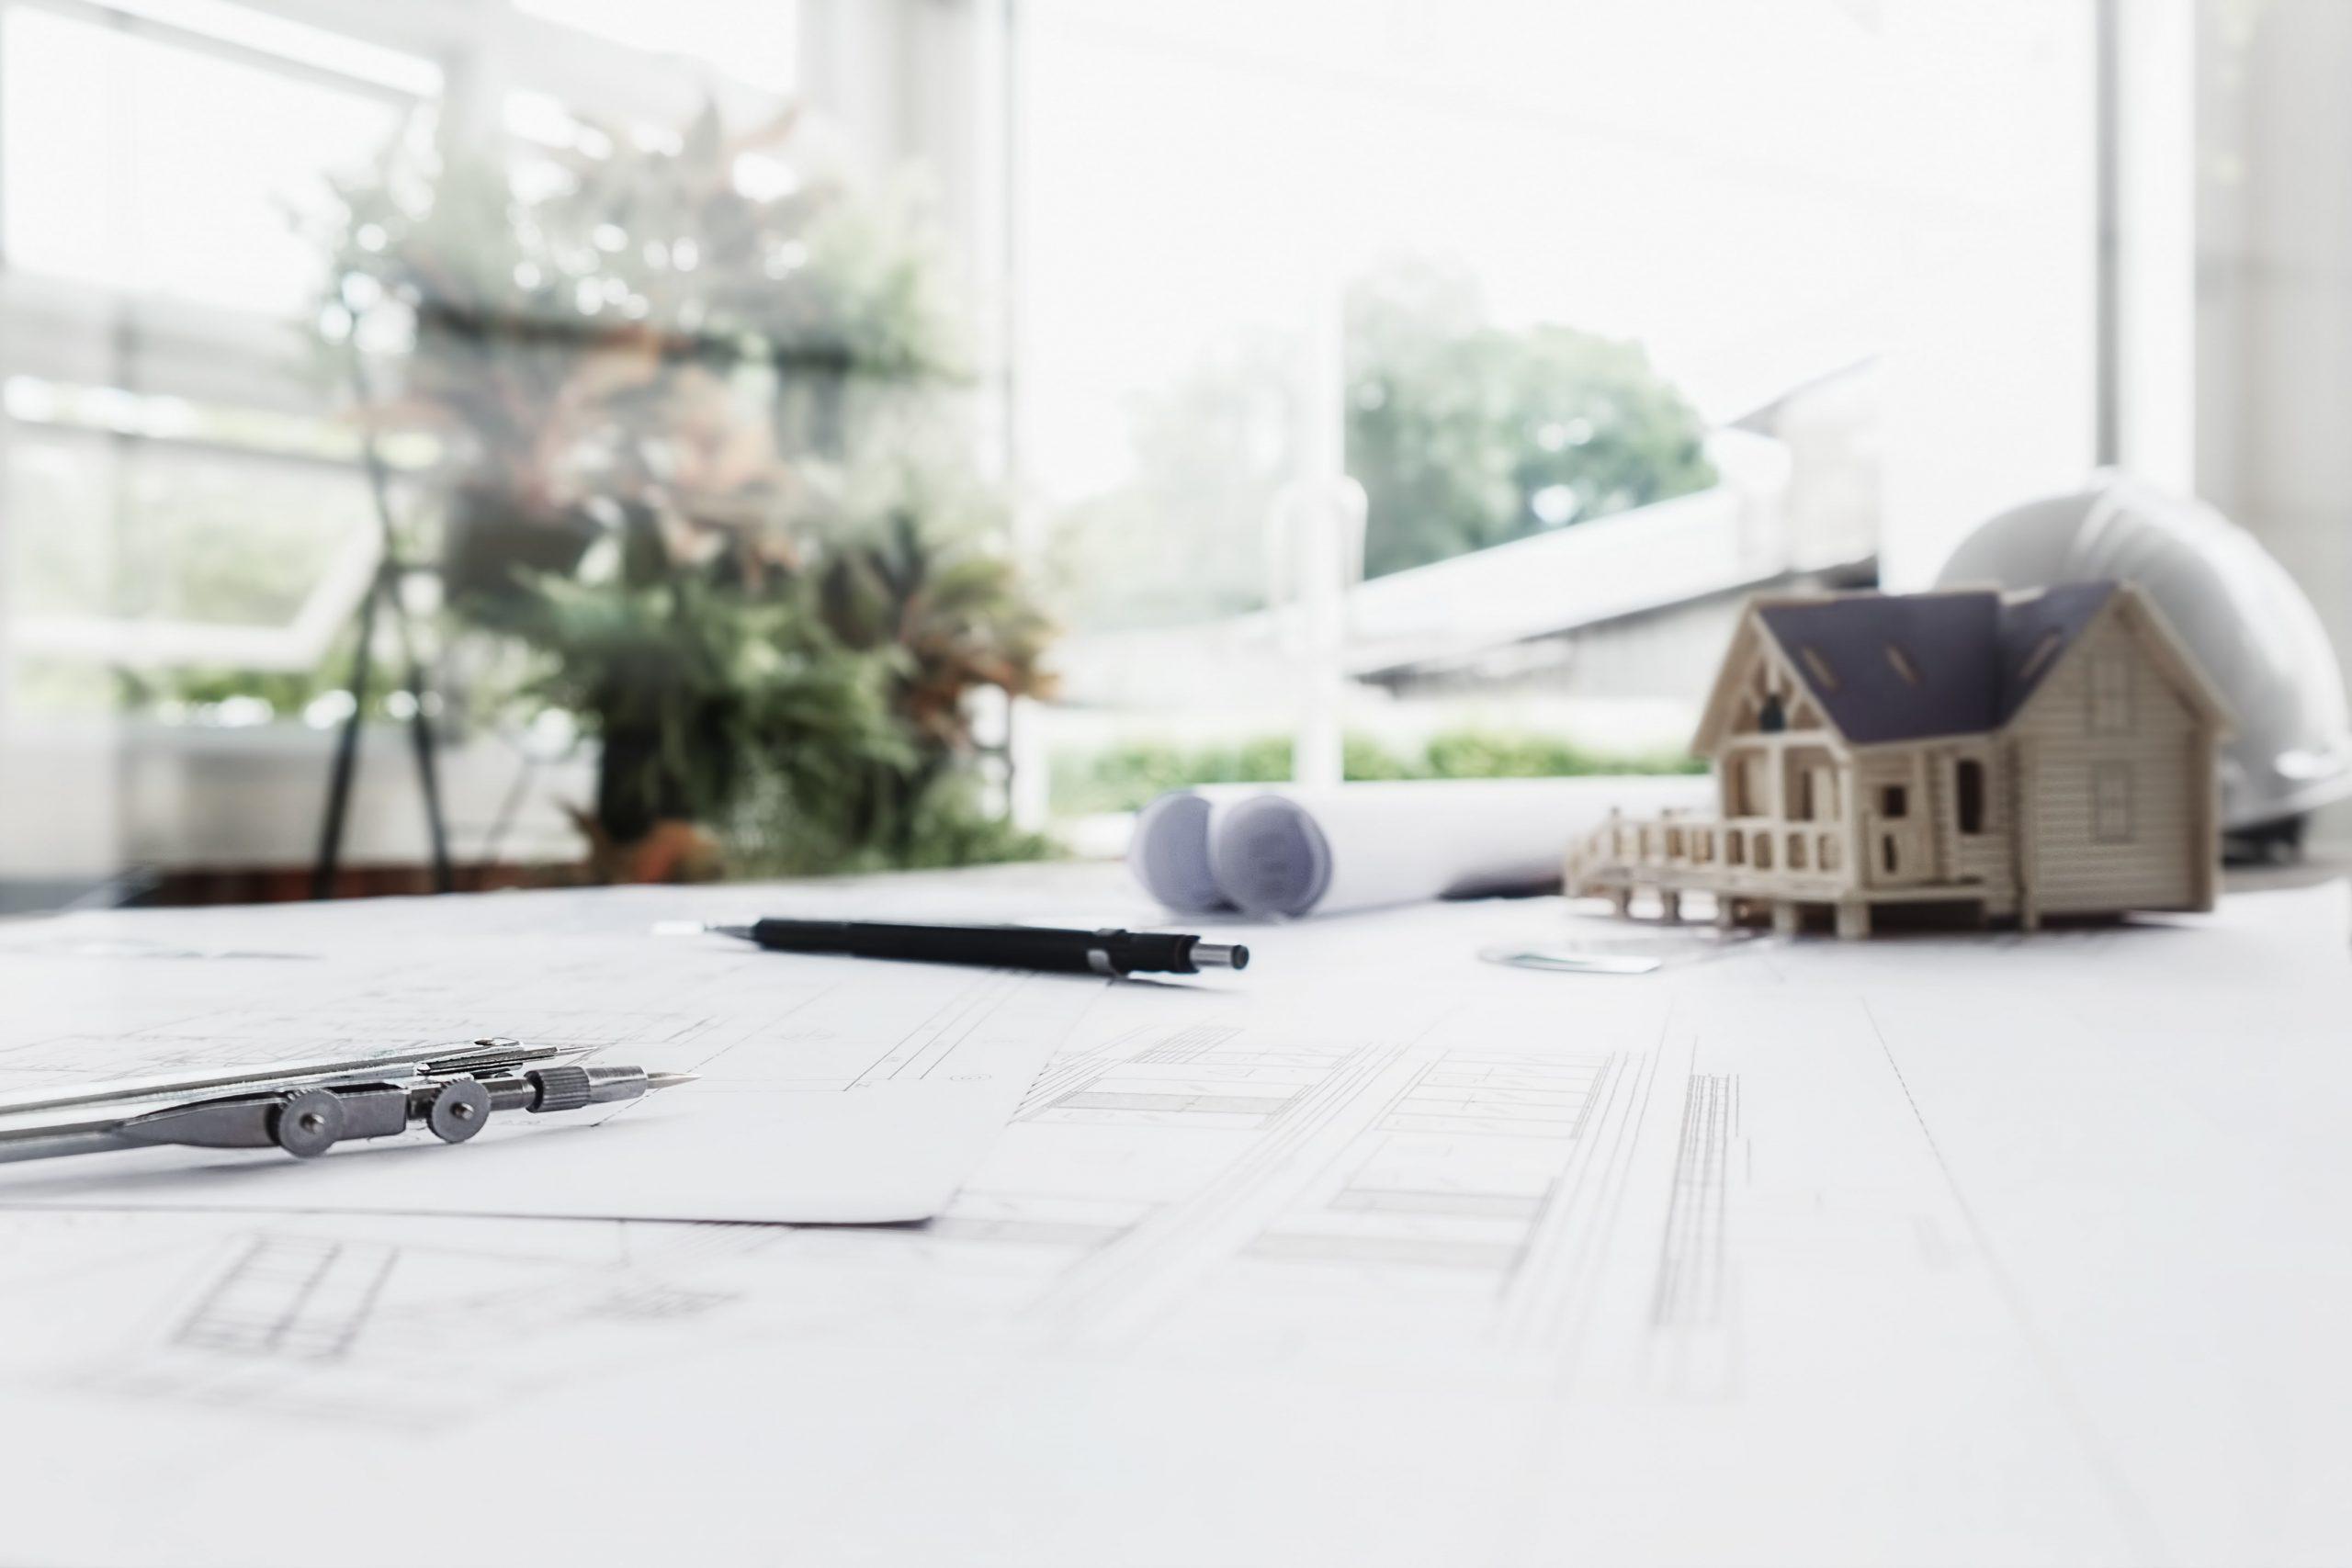 Mimar Sinan Jasa Renovasi Rumah Jasa Bangun Rumah Jasa Arsitek Jasa Kontraktor Bangunan Mimar Sinan